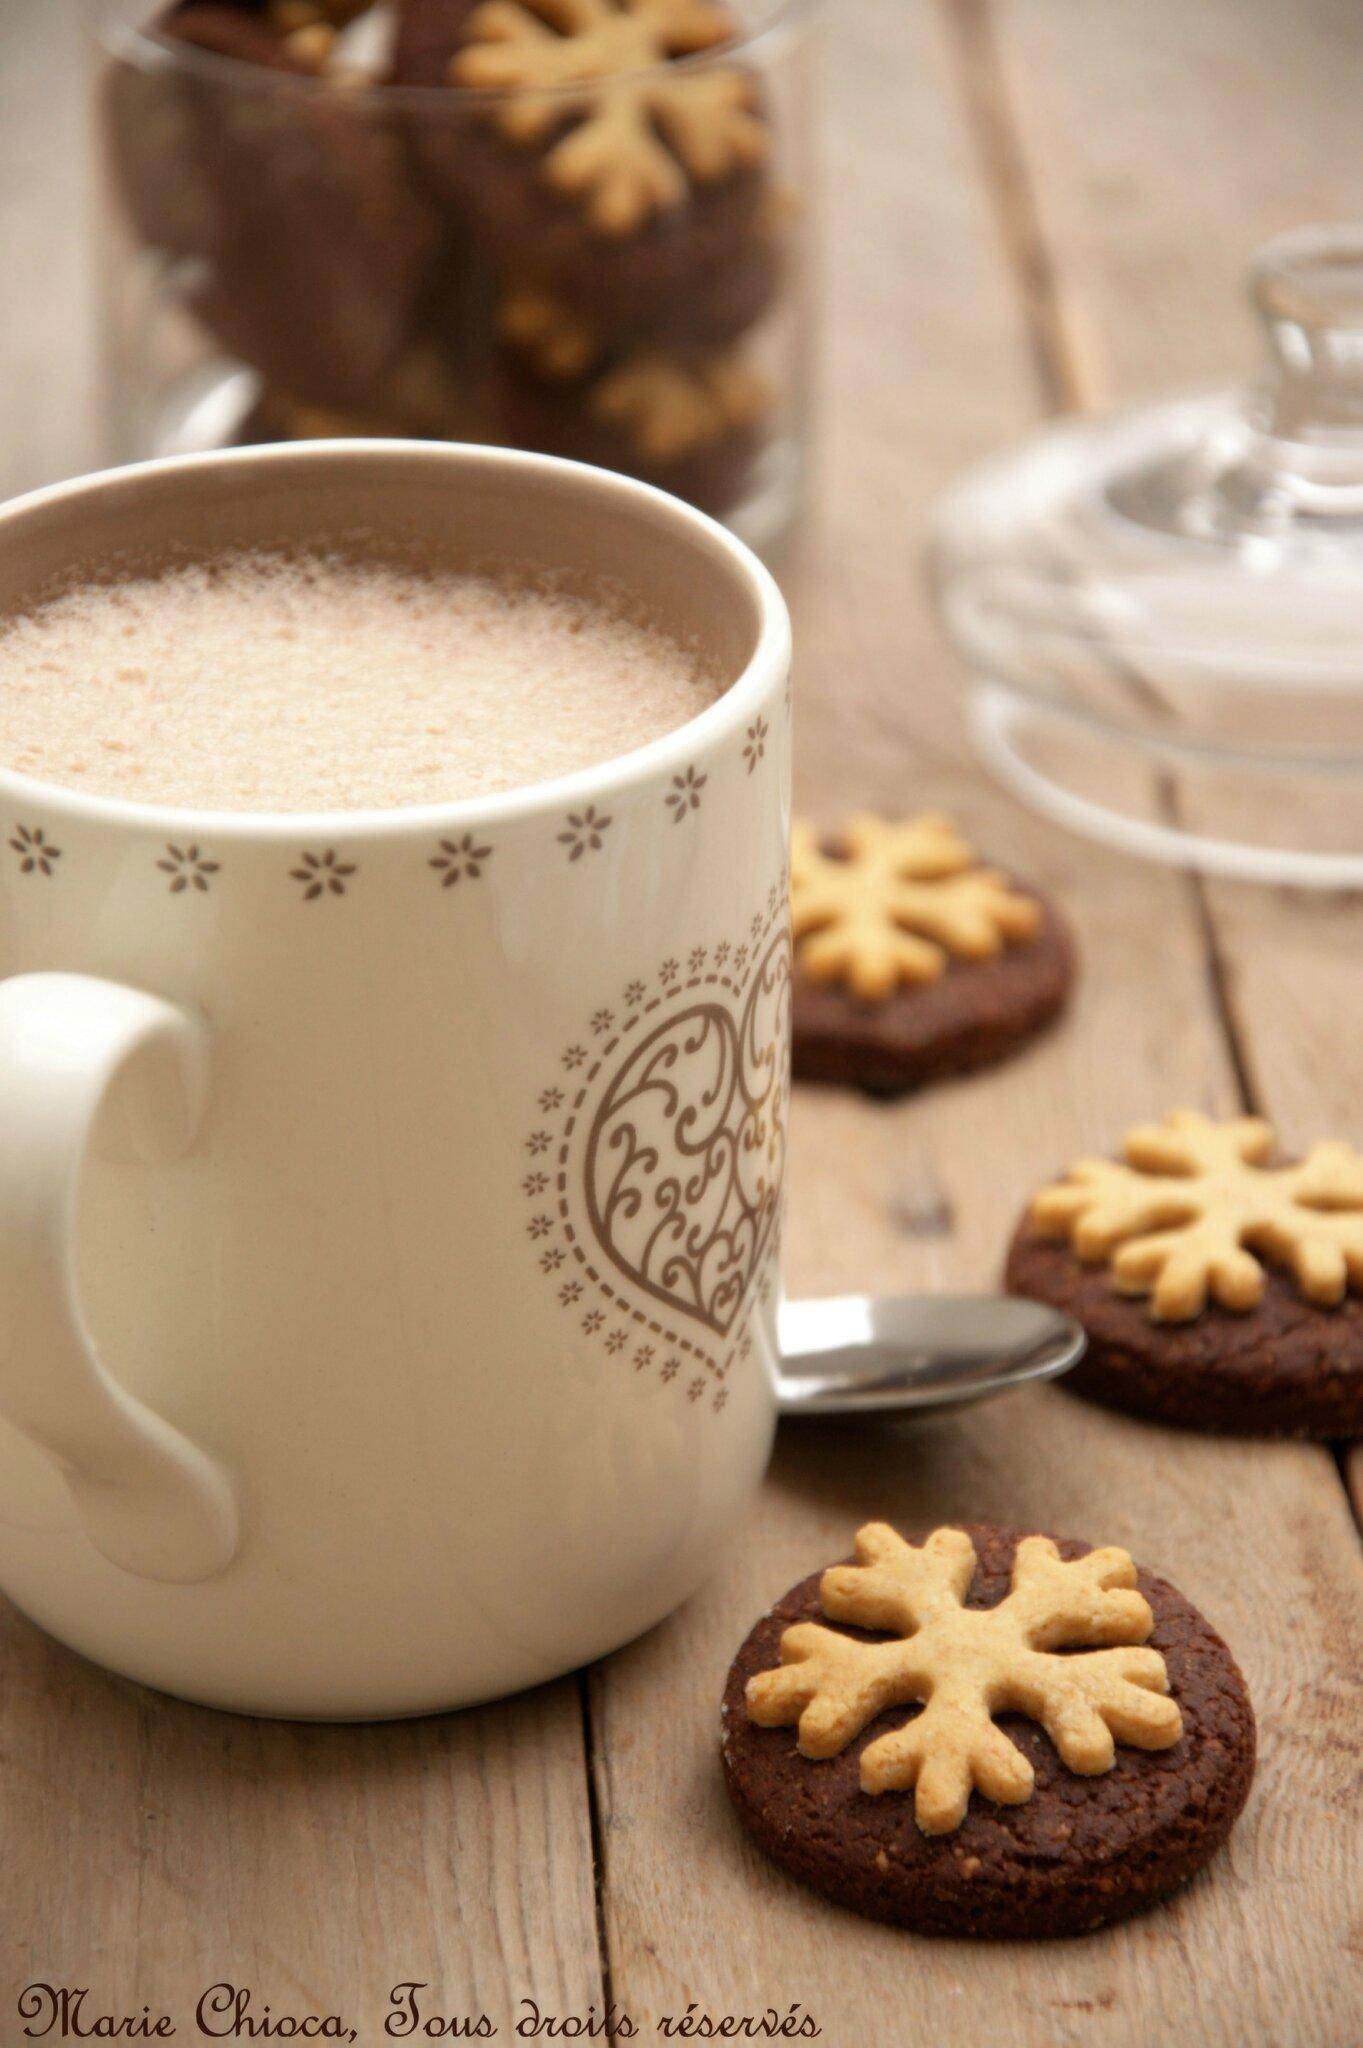 """Résultat de recherche d'images pour """"cocooning hiver chocolat chaud"""""""